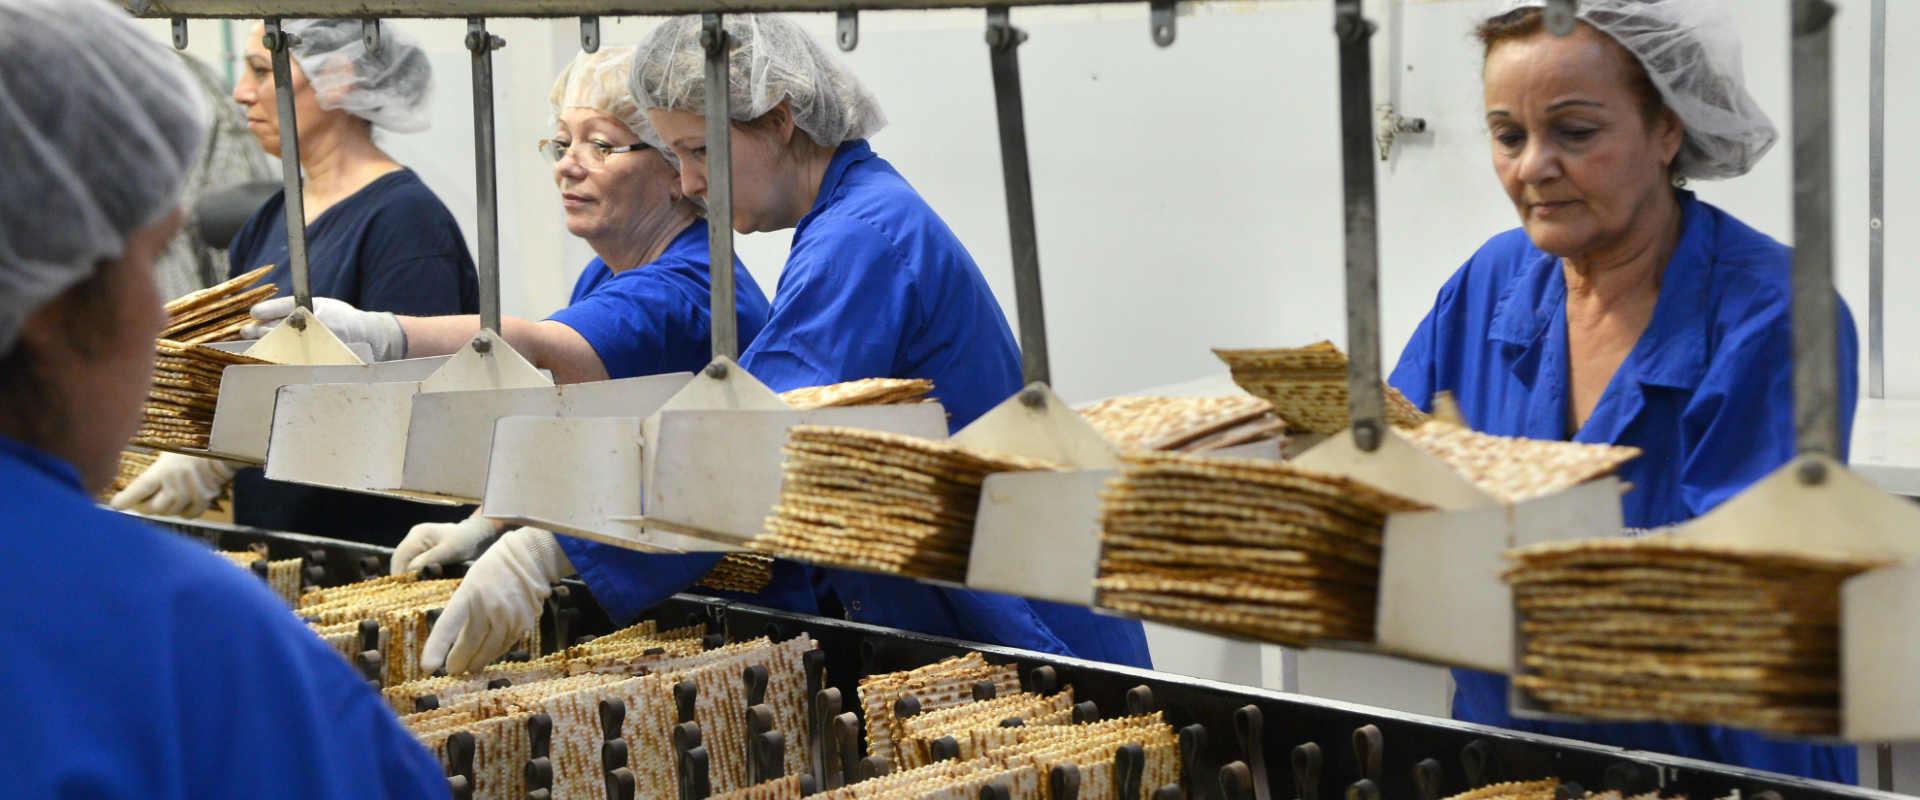 מפעל מצות כרמל בפתח תקוה